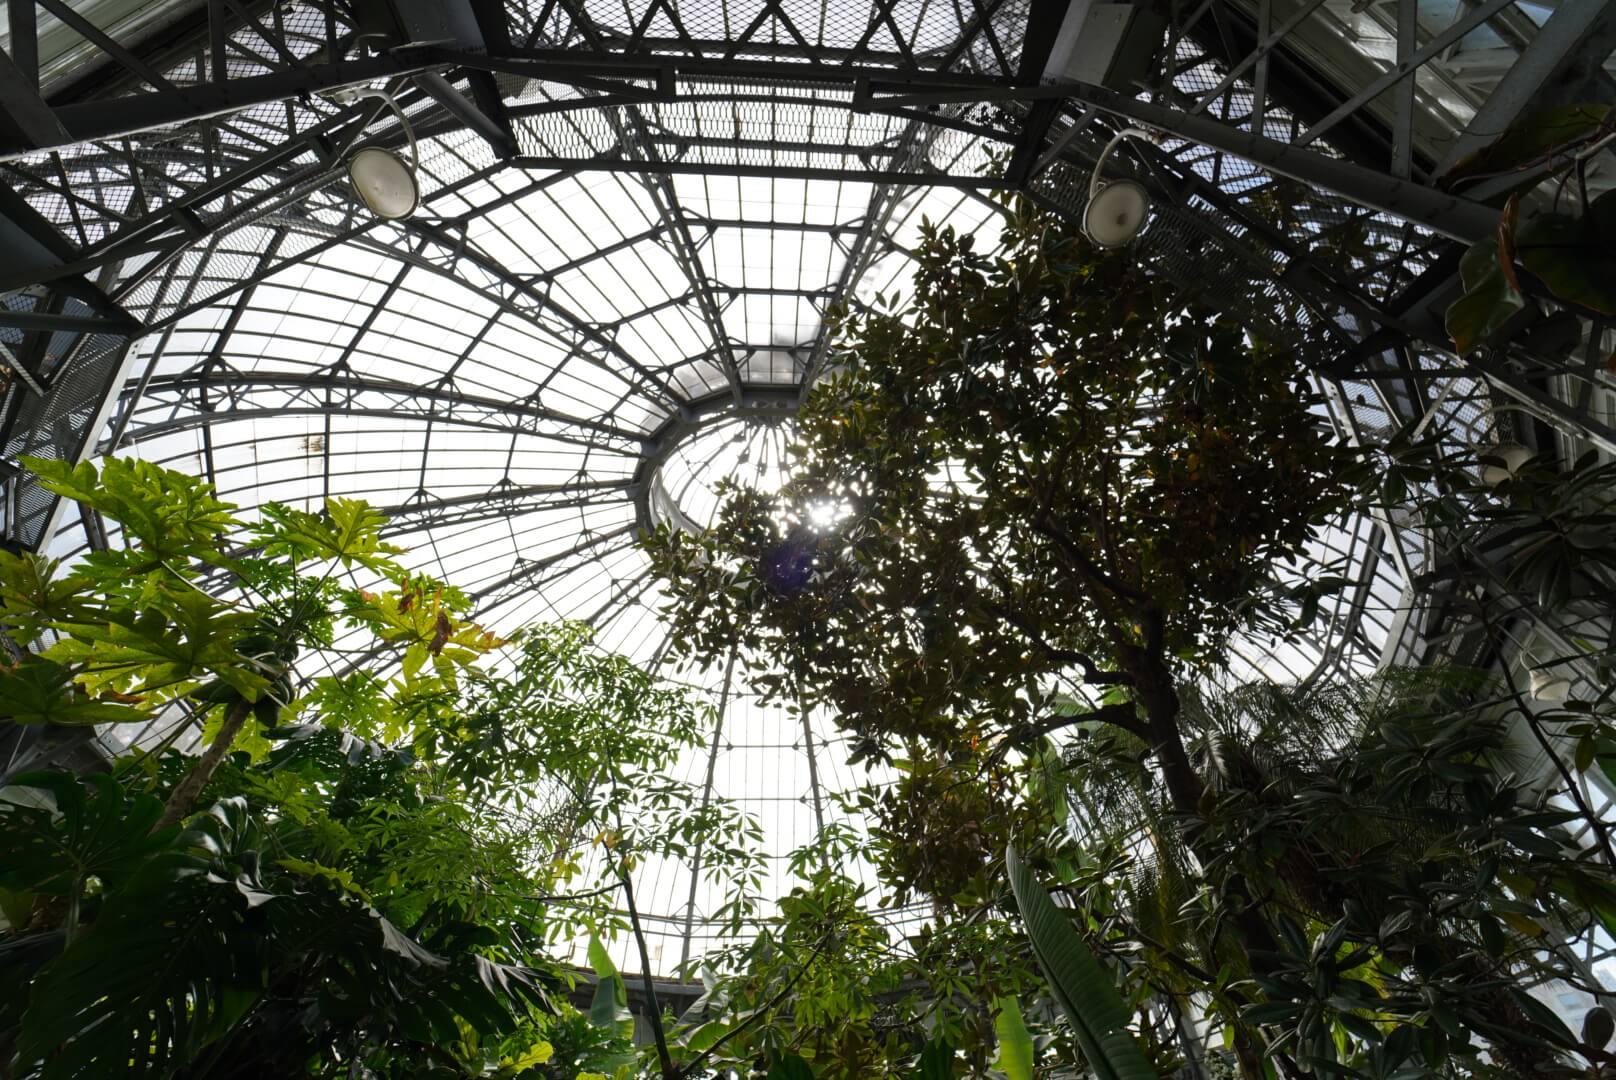 Allan Gardenの天井